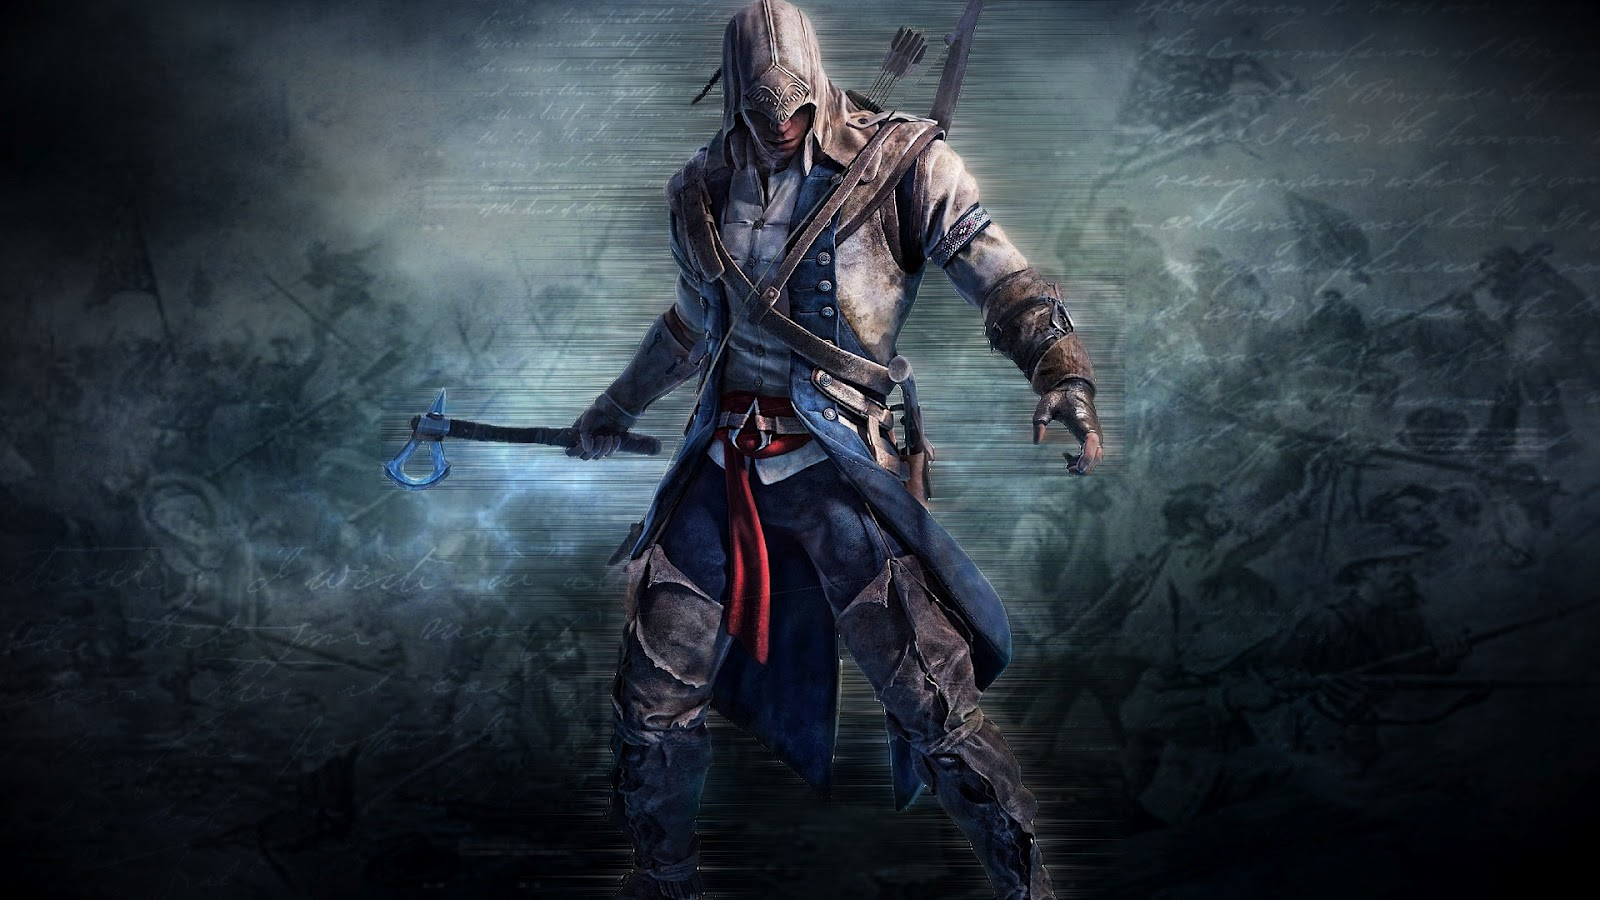 http://2.bp.blogspot.com/-FWHj9gG2rCQ/UBCjgxWOL7I/AAAAAAAABvc/-leGB-zFTgs/s1600/Assassins-Creed-3-Wallpapers-3.jpg